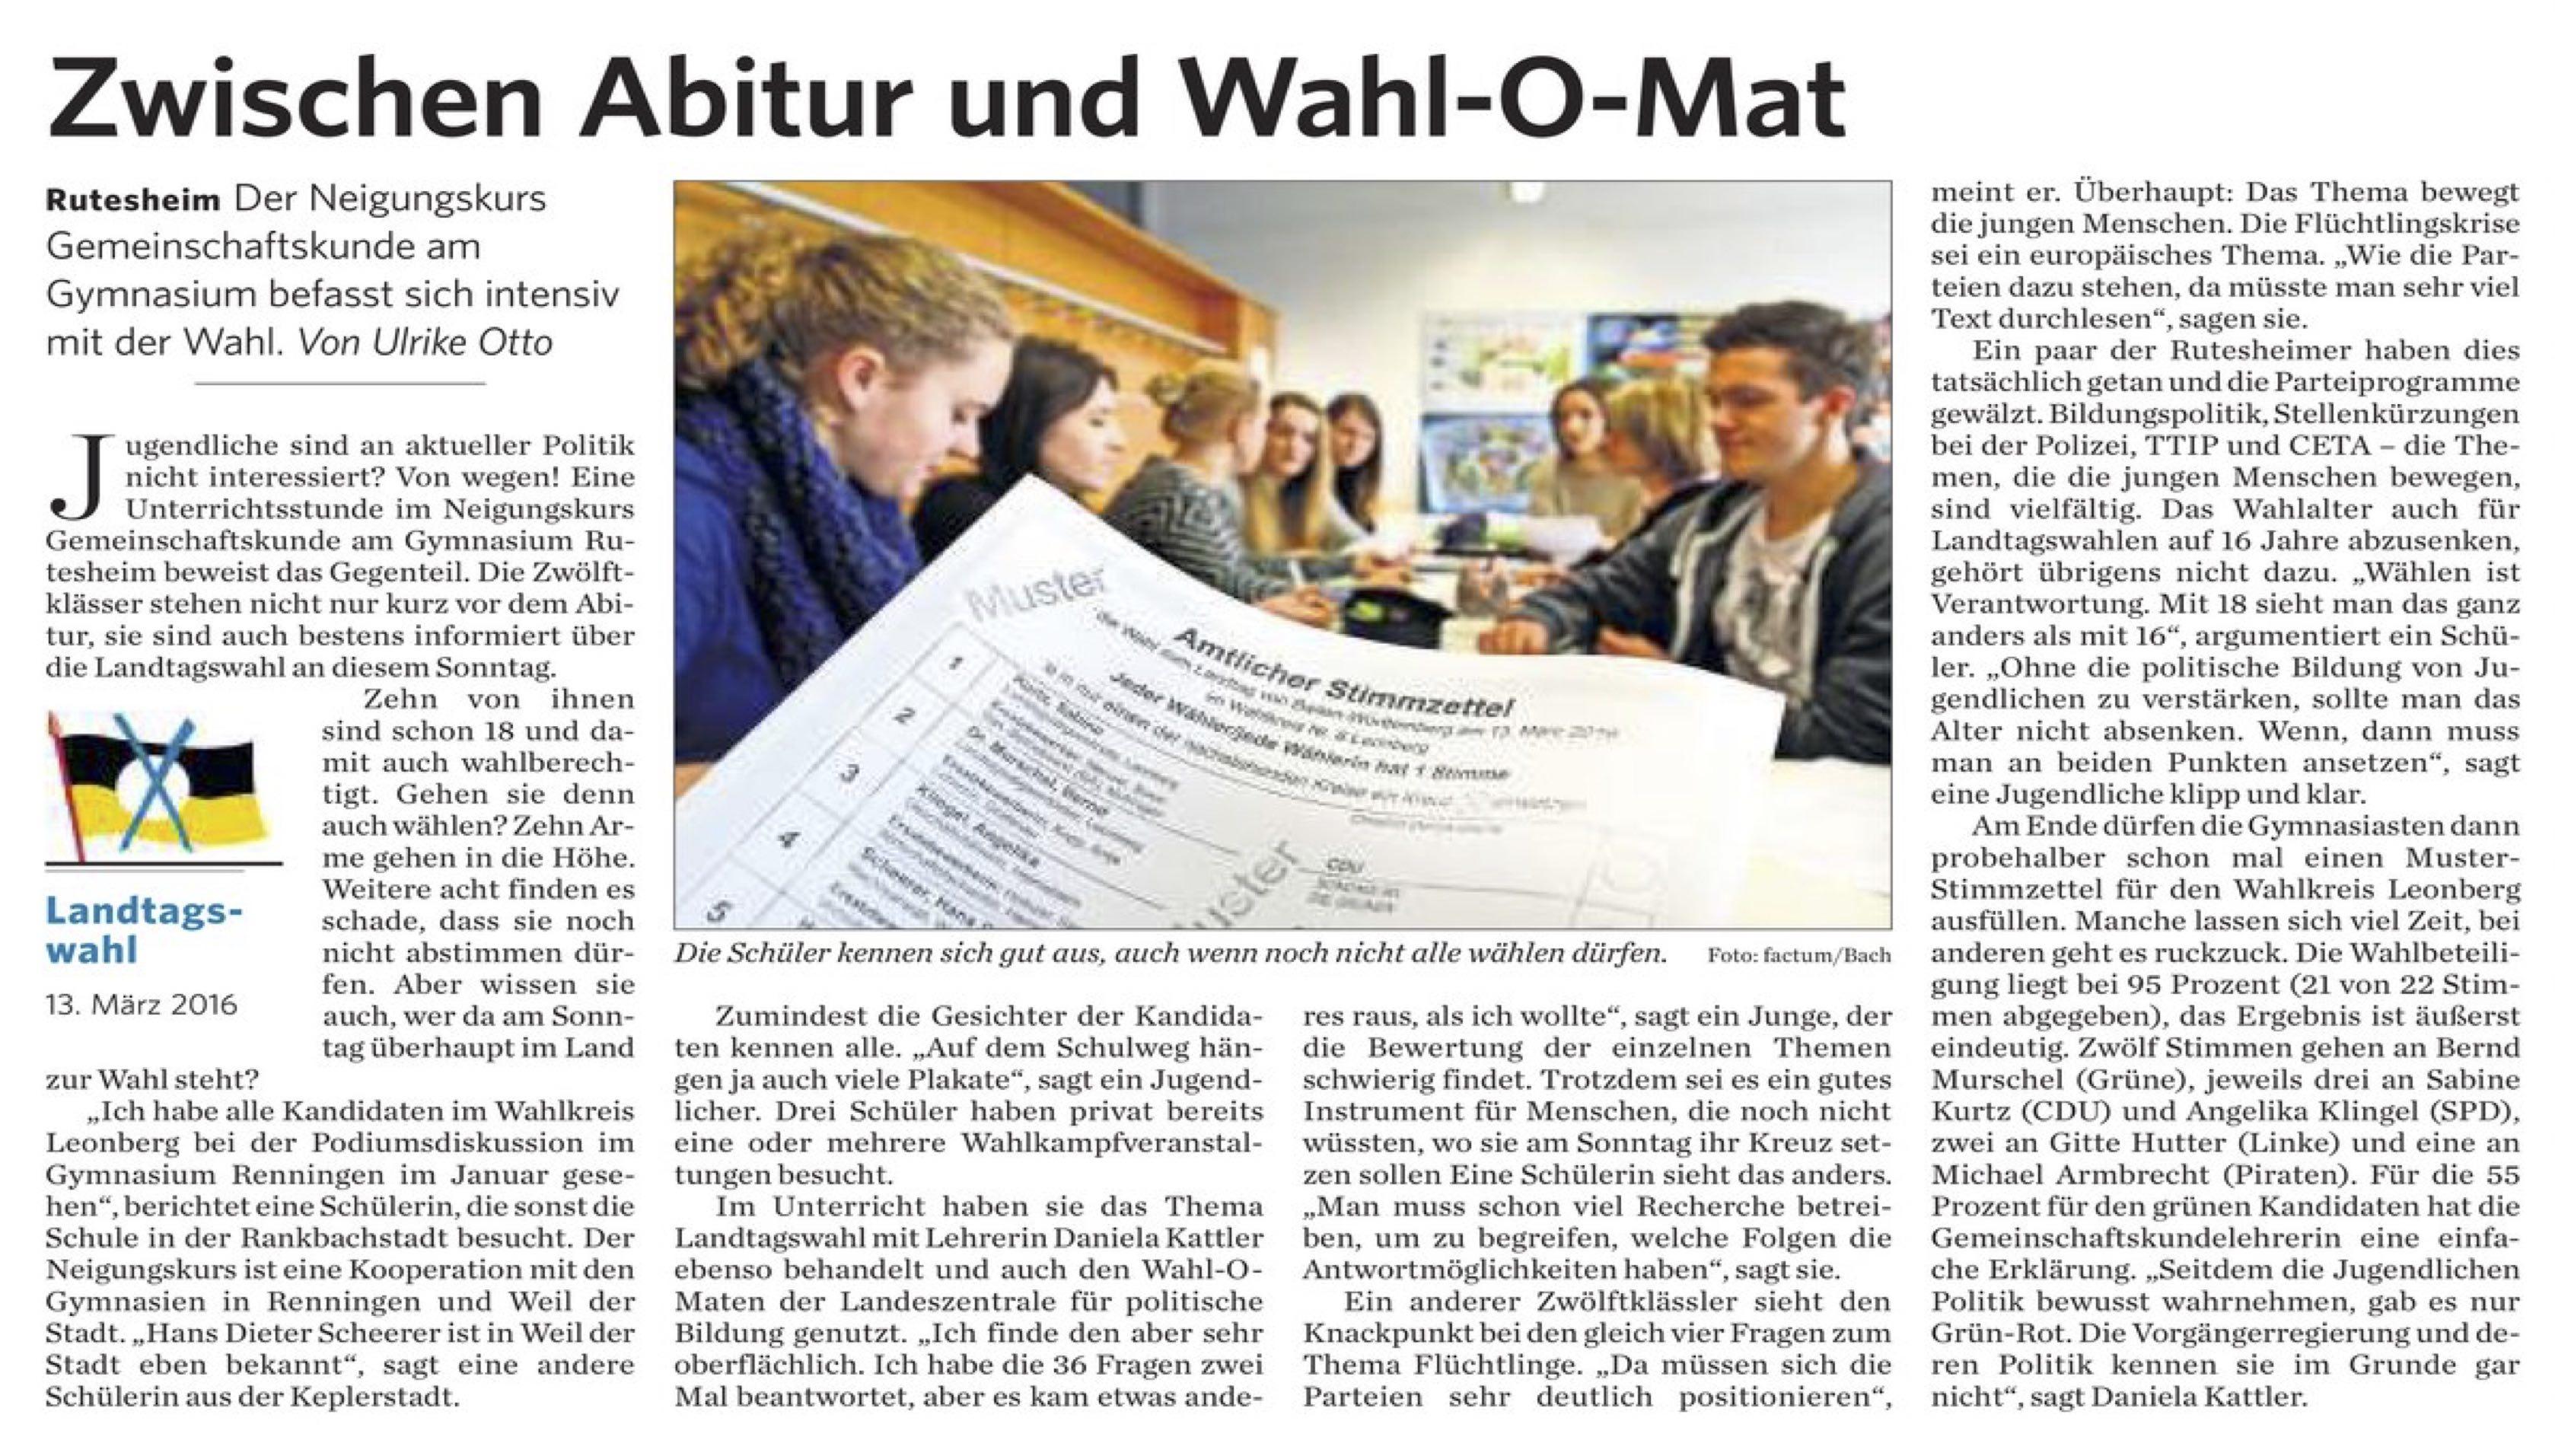 2016 03 11 Zwischen Abitur und Wahl-O-Mat